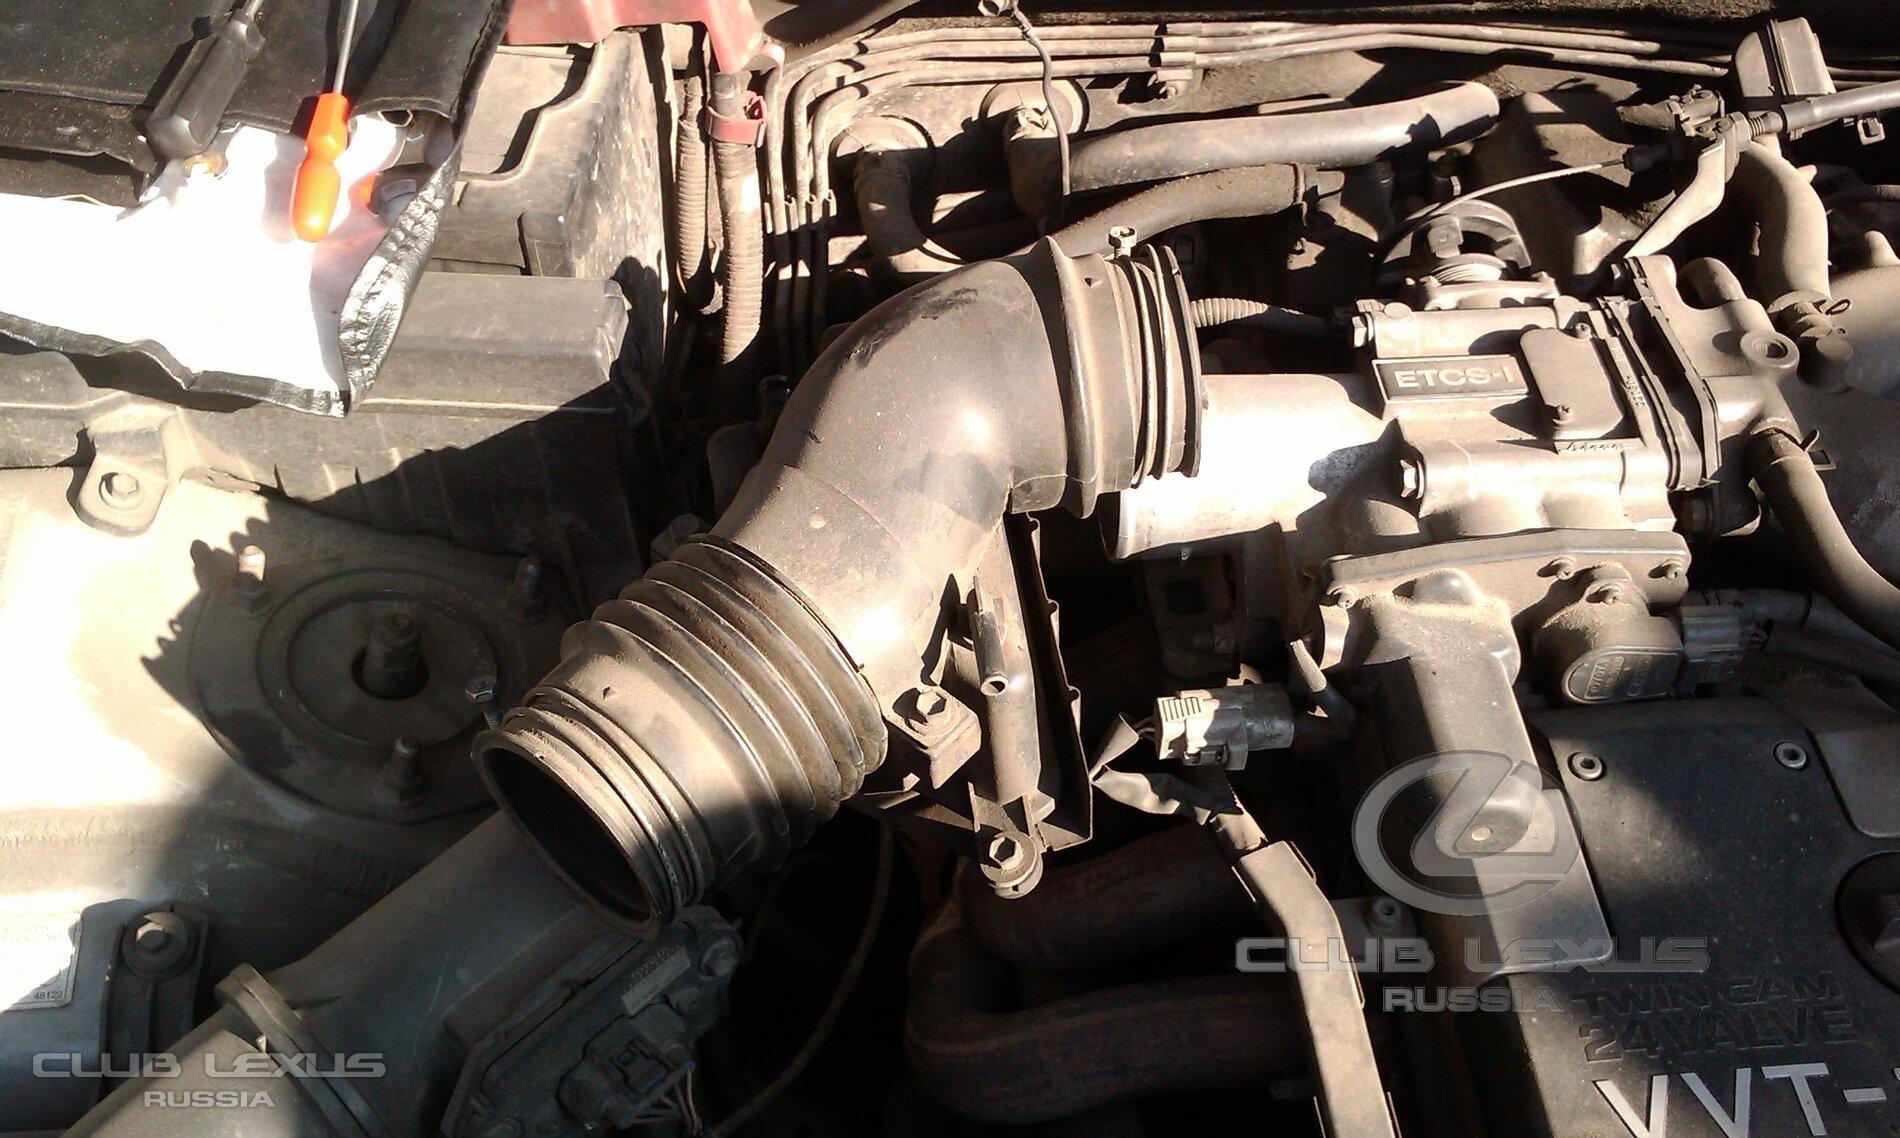 Дрожжание двигателя при разгоне